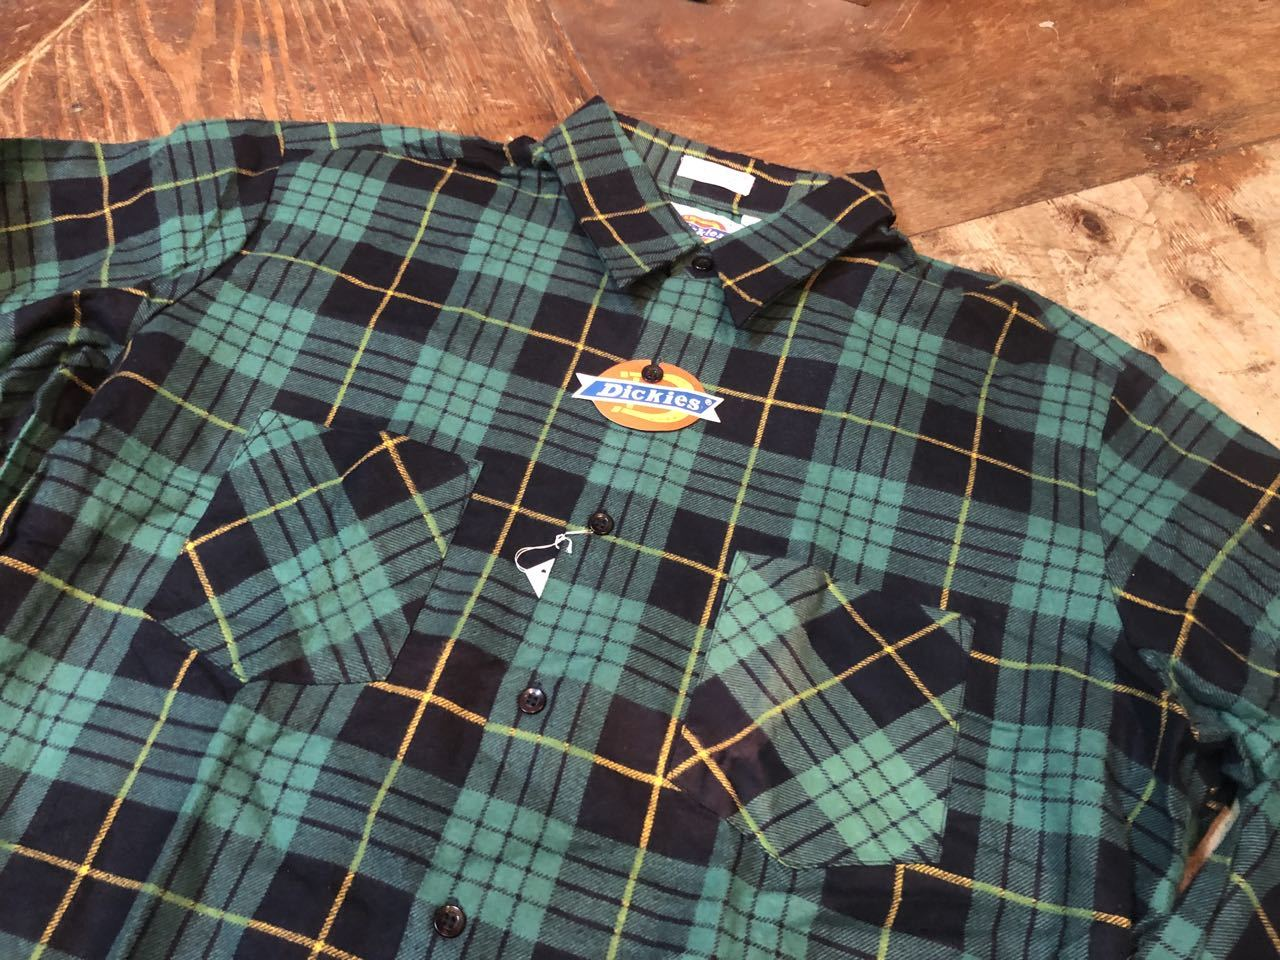 90s デッドストック Made in U.S.A  デッキーズ ネルシャツ!_c0144020_13504062.jpg